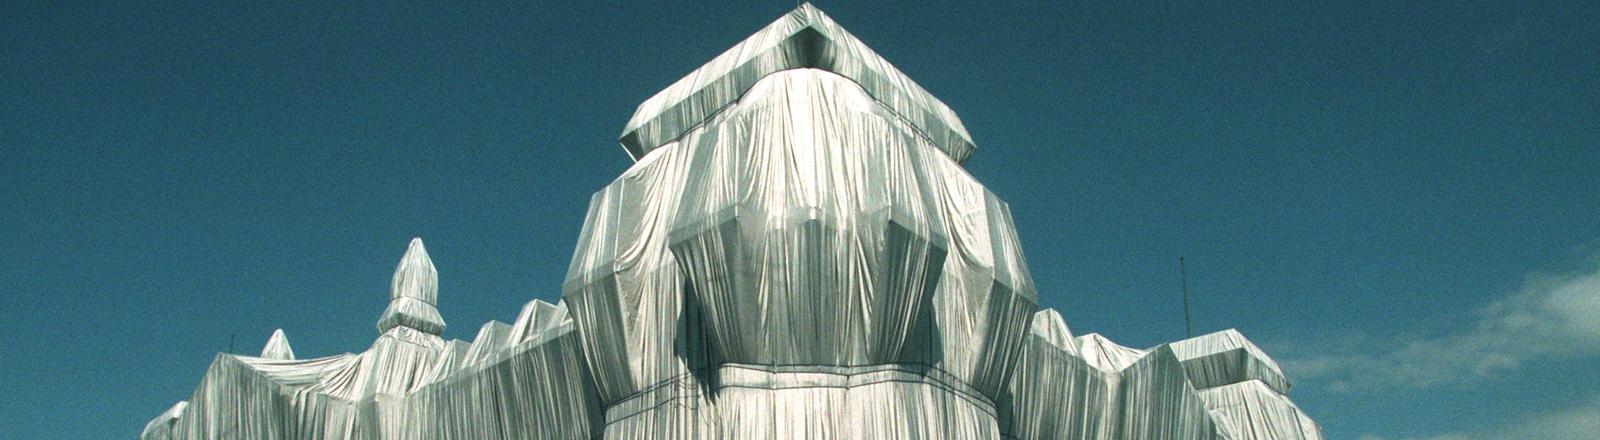 Der amerikanische Verpackungskünstlers Christo verpackte 2002 den Reichstag in Berlin.